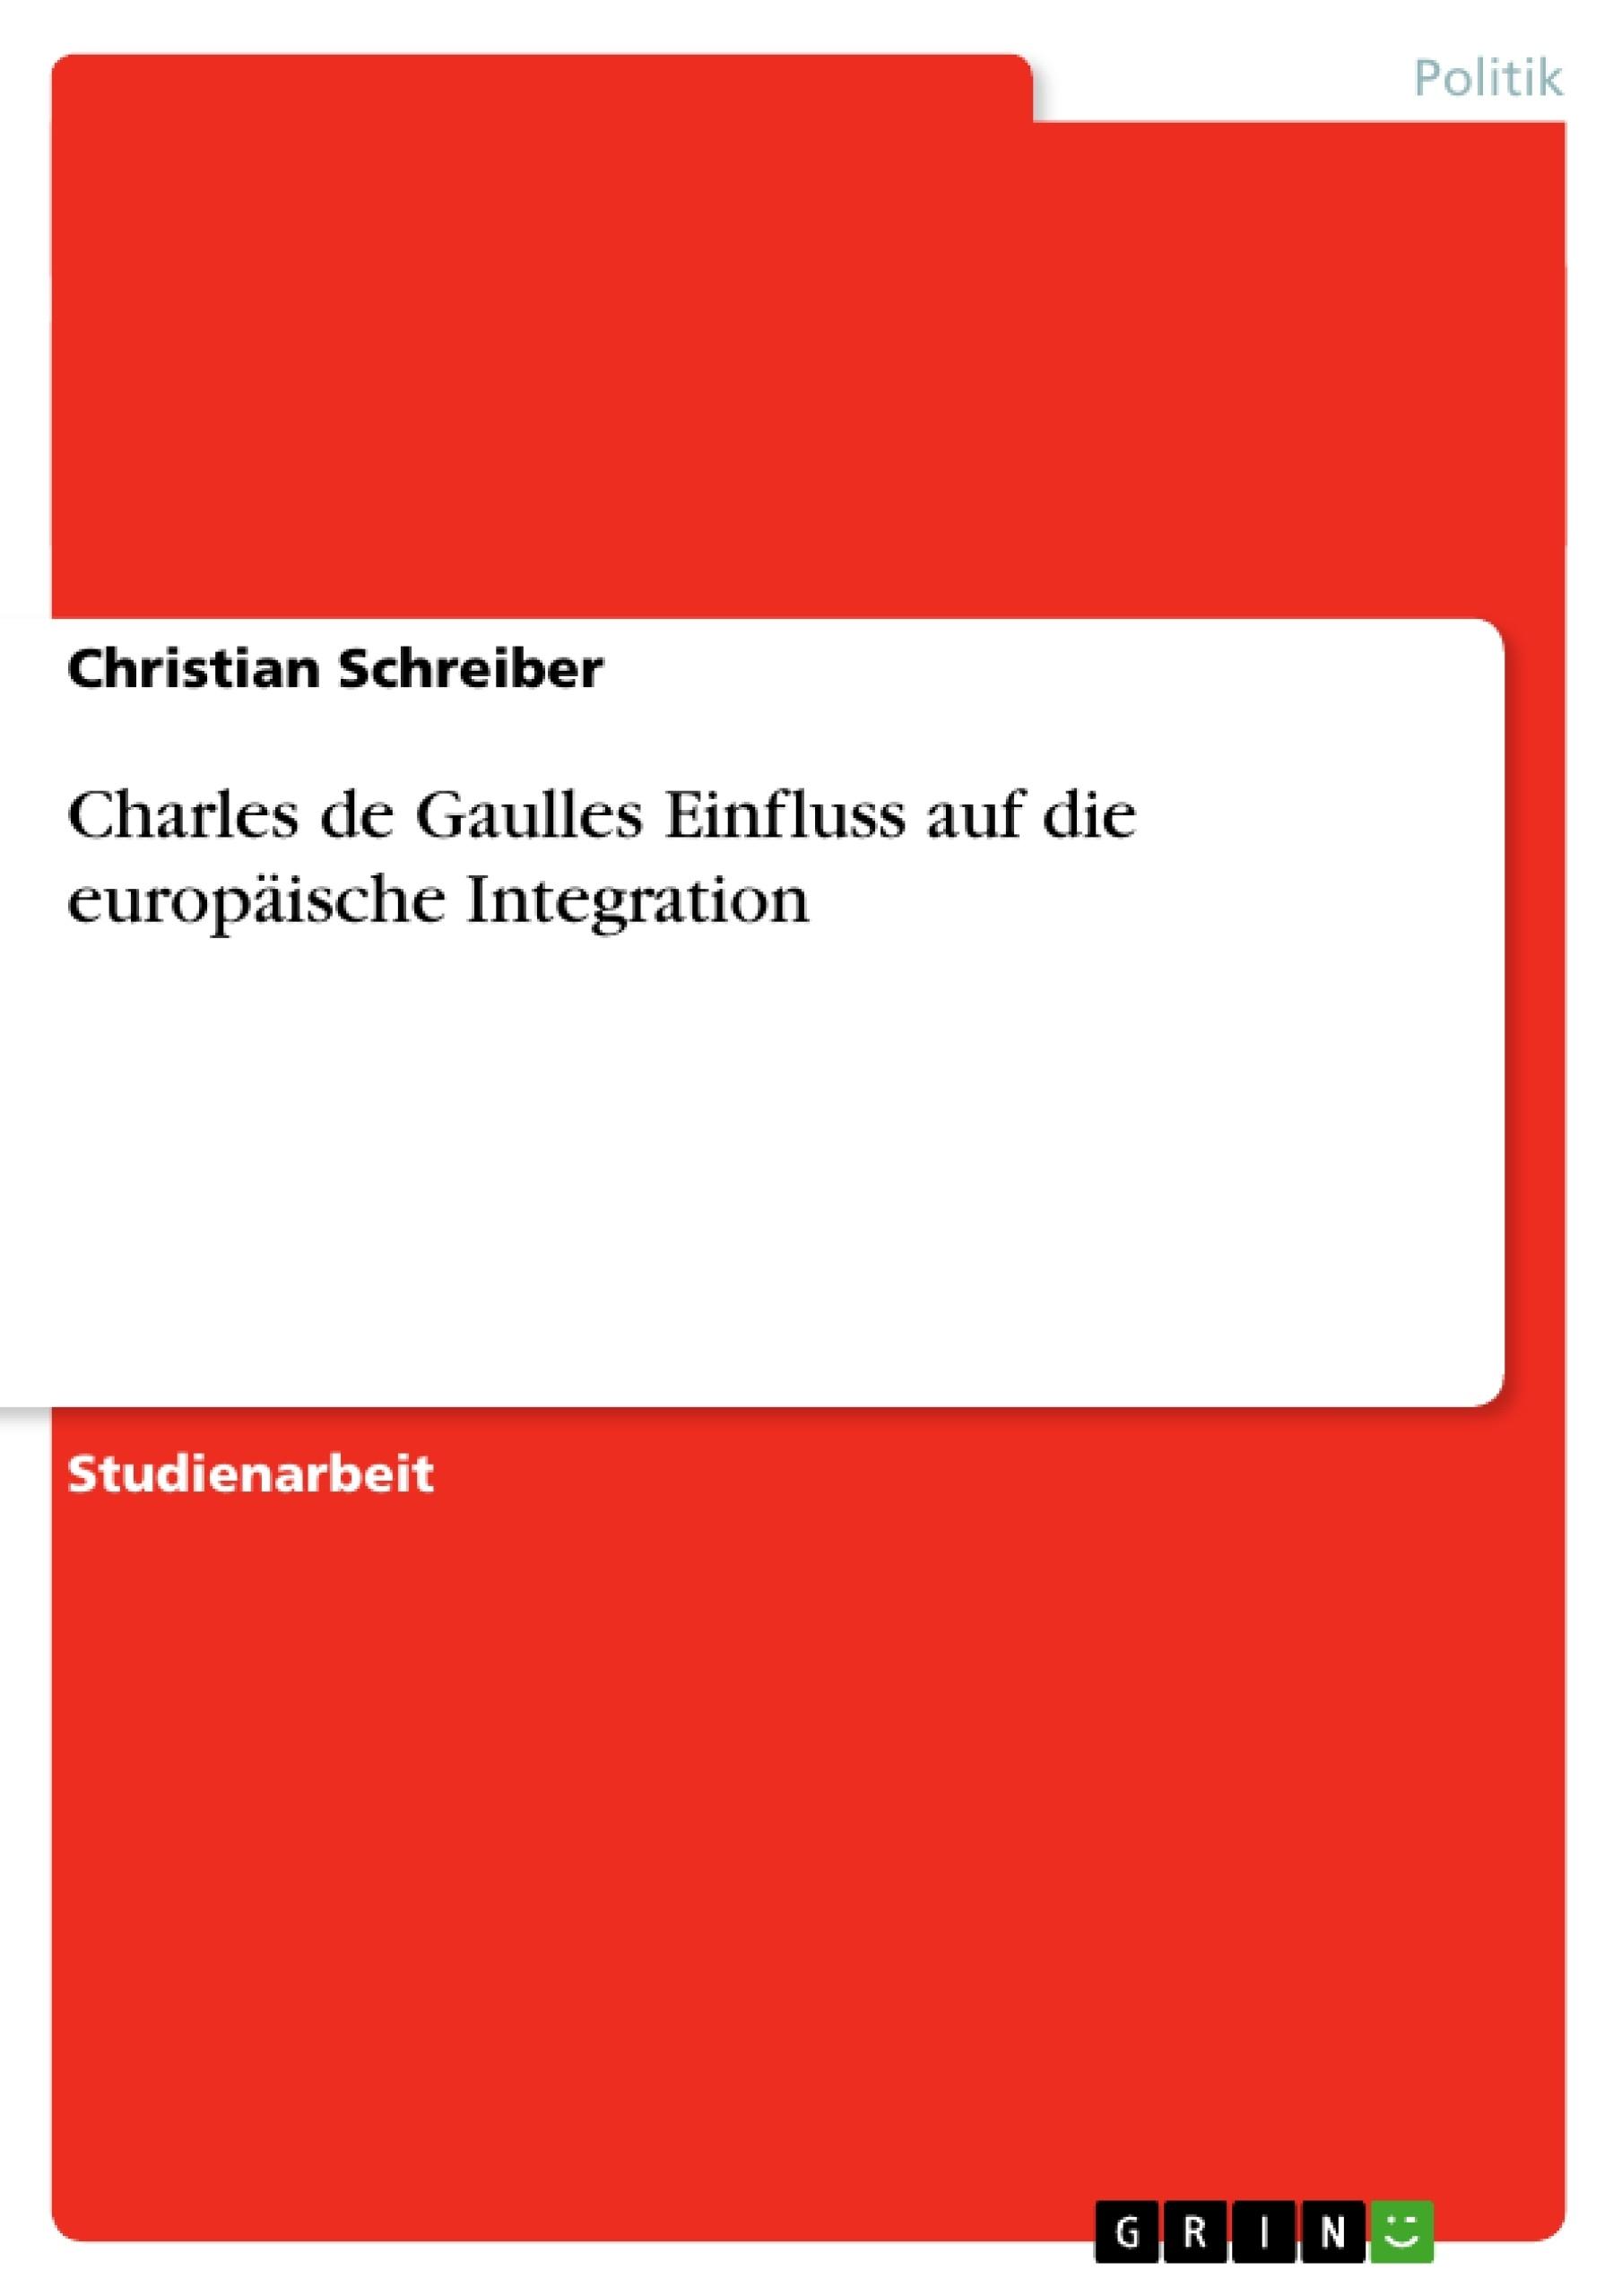 Titel: Charles de Gaulles Einfluss auf die europäische Integration